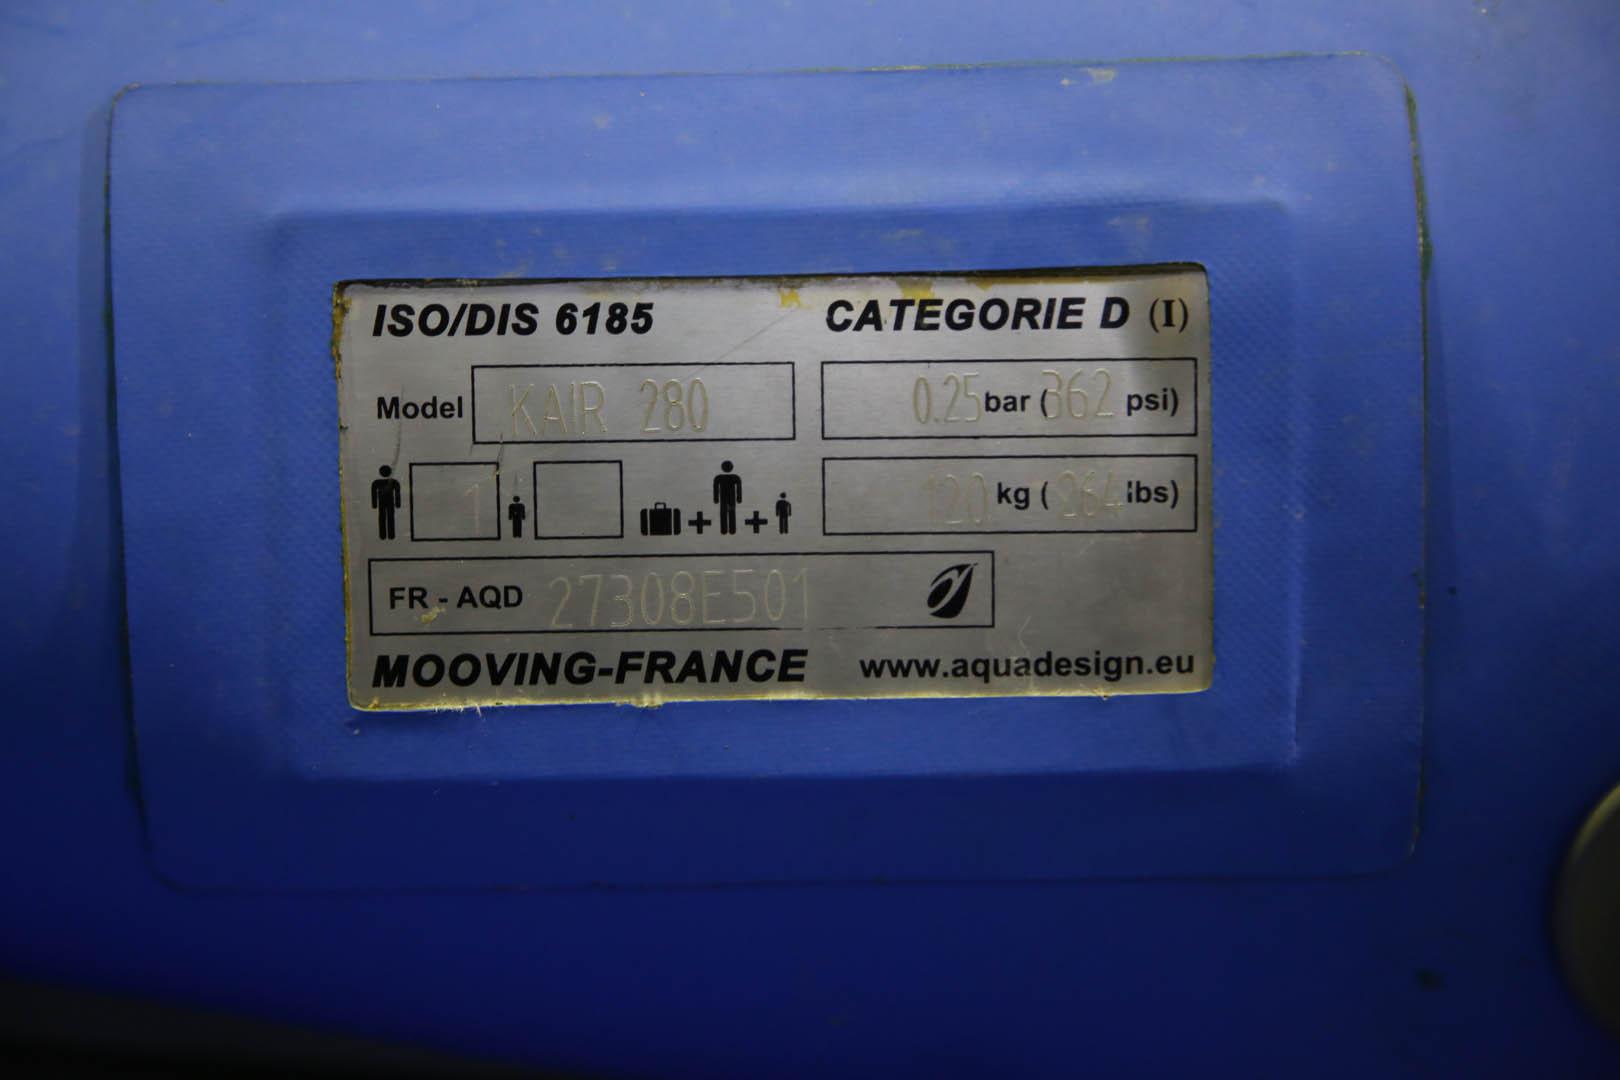 K-AIR 280 bleu 273 08 E5 01 A